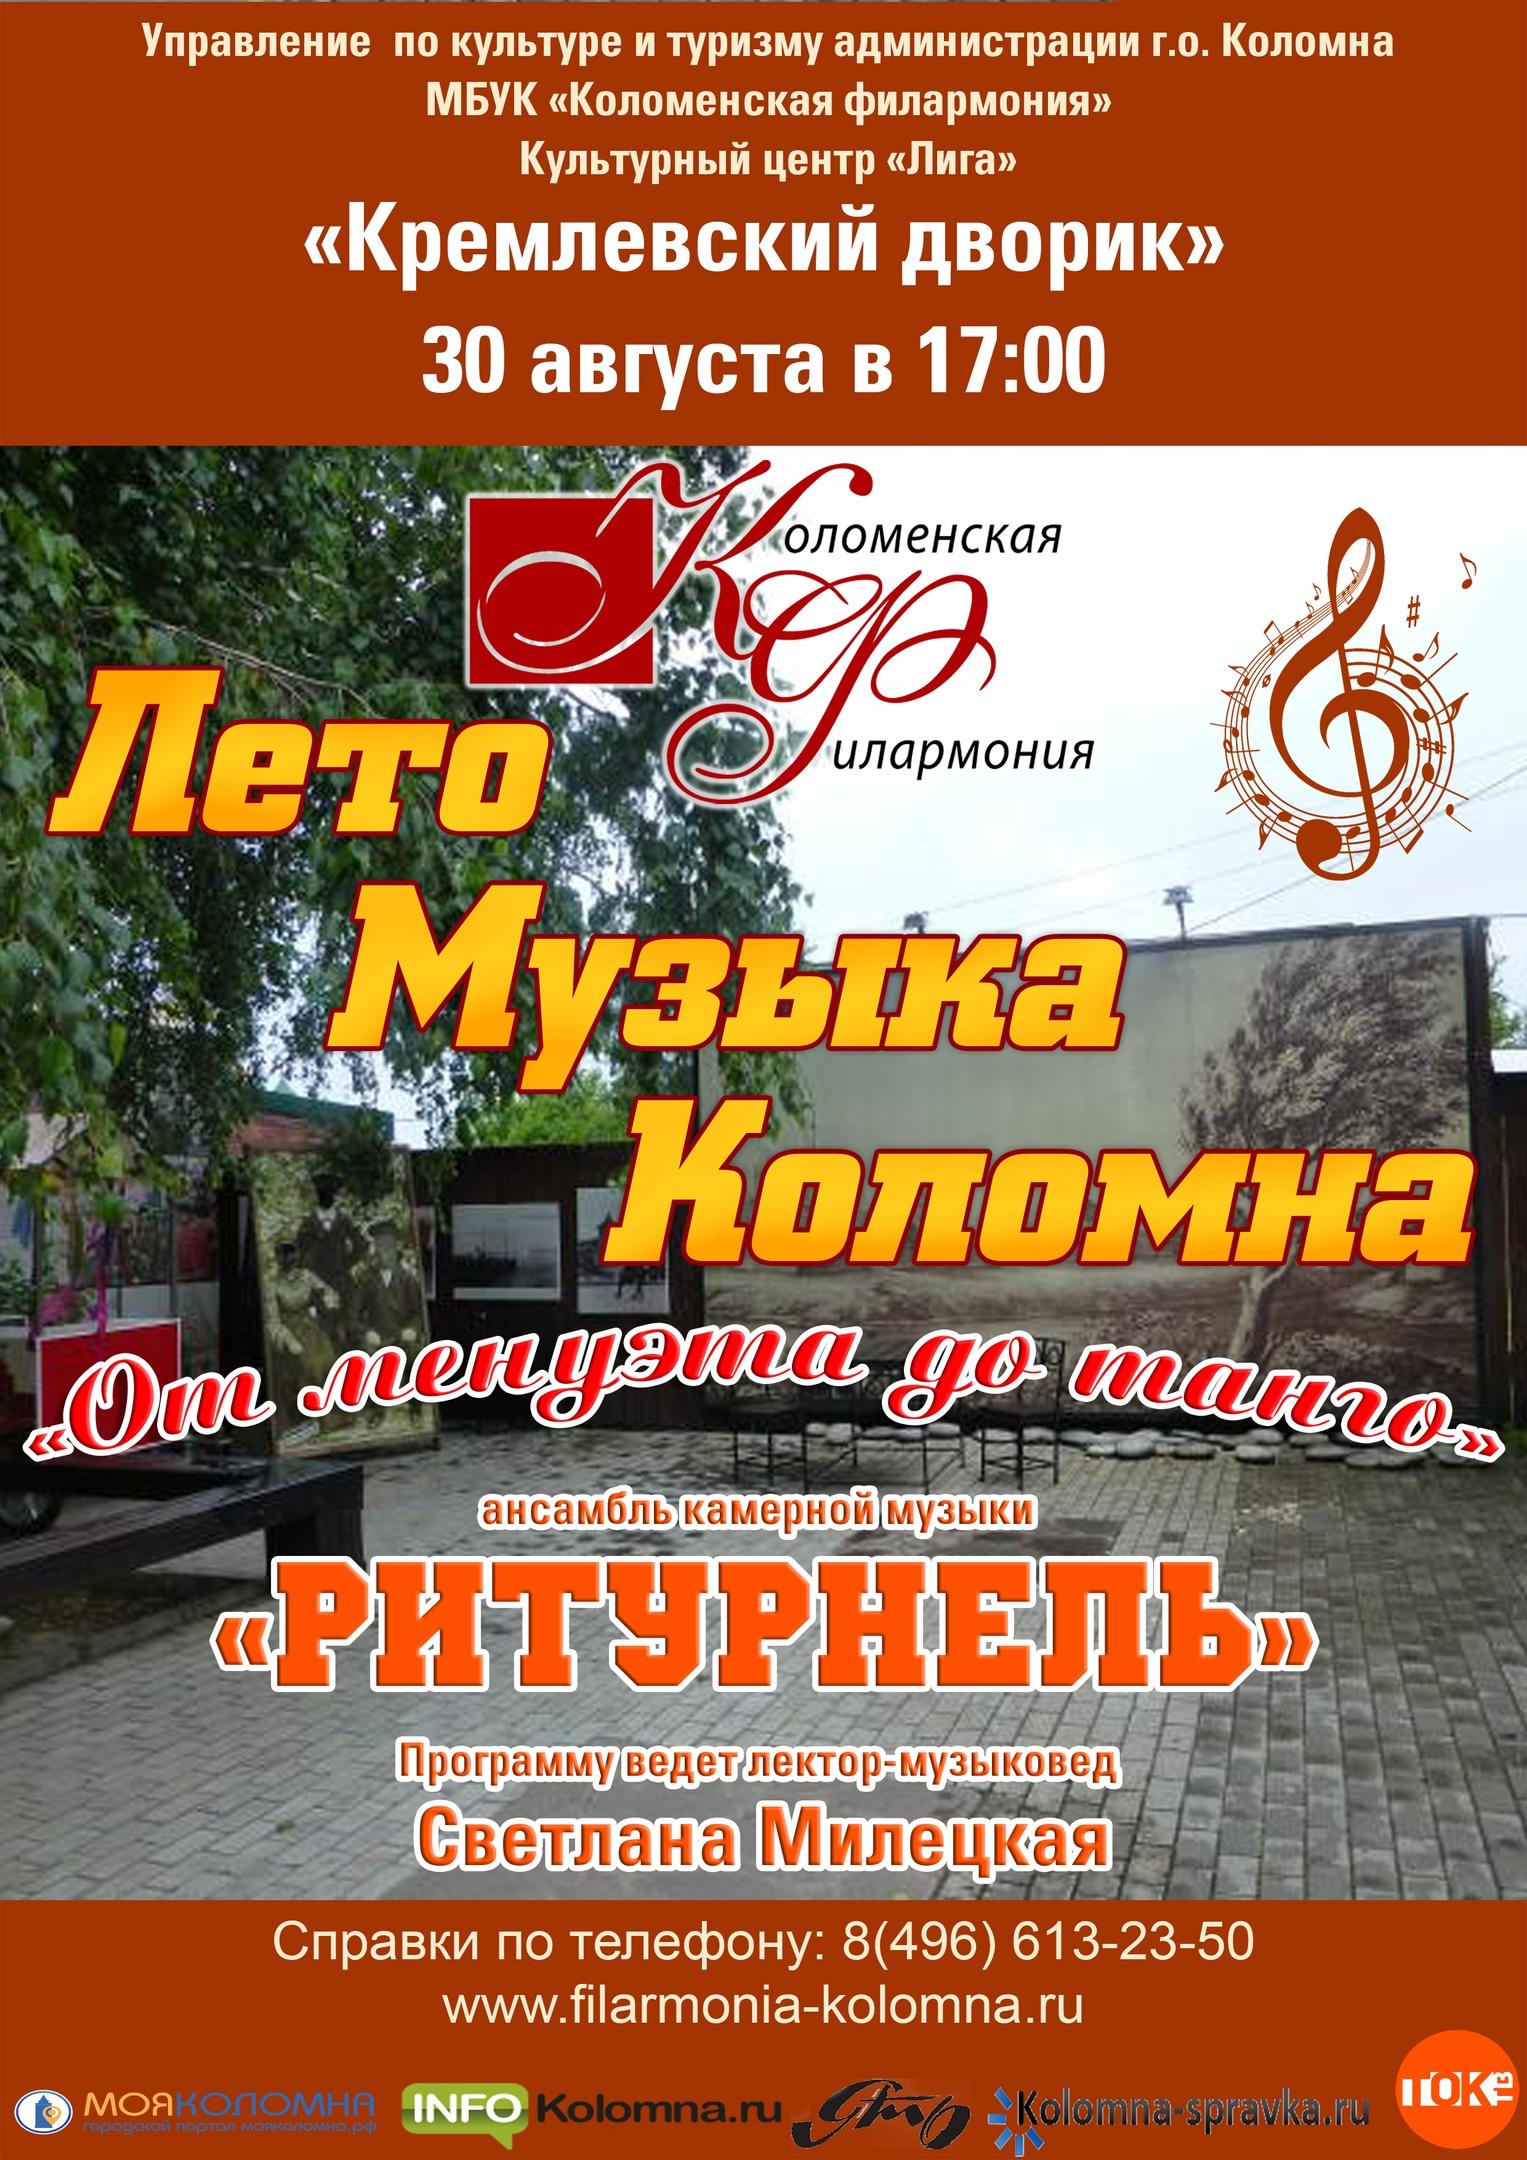 Коломенская филармония завершает цикл концертов под открытым небом «Лето. Музыка. Коломна»